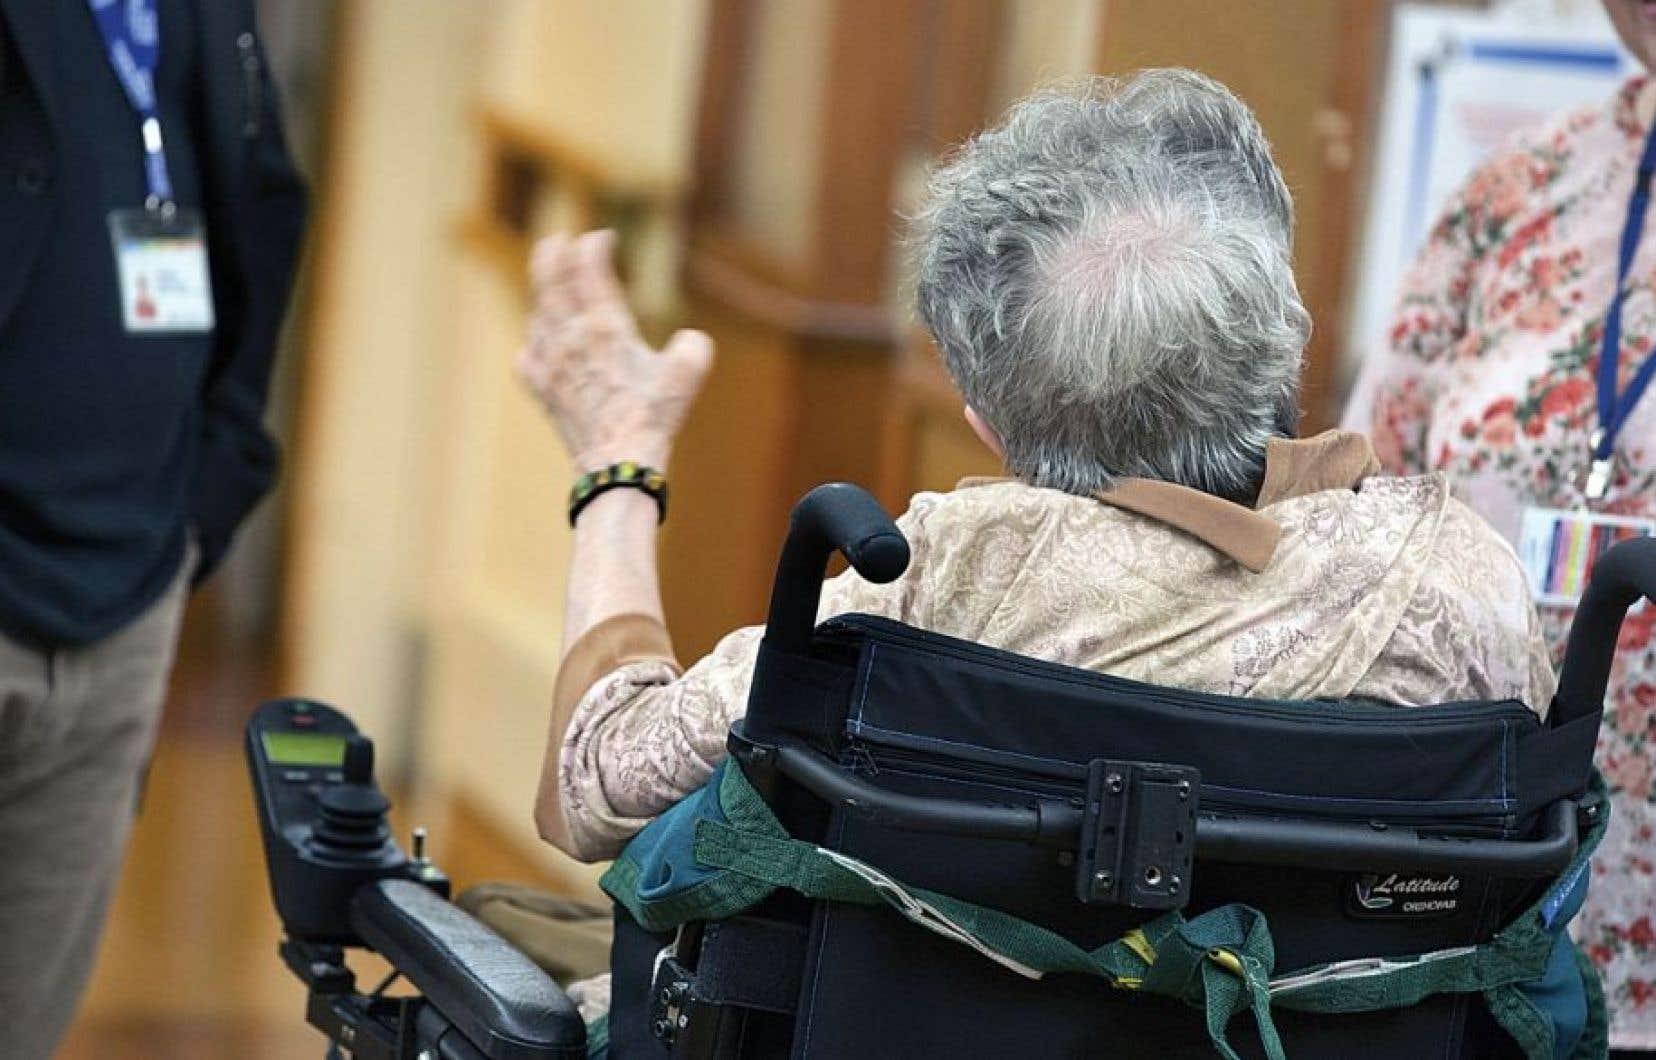 La présidente de l'Institut de planification des soins mentionne que jamais nous n'avions vu, dans l'histoire de l'humanité, « autant de personnes âgées qui ont une longévité extraordinaire<br />